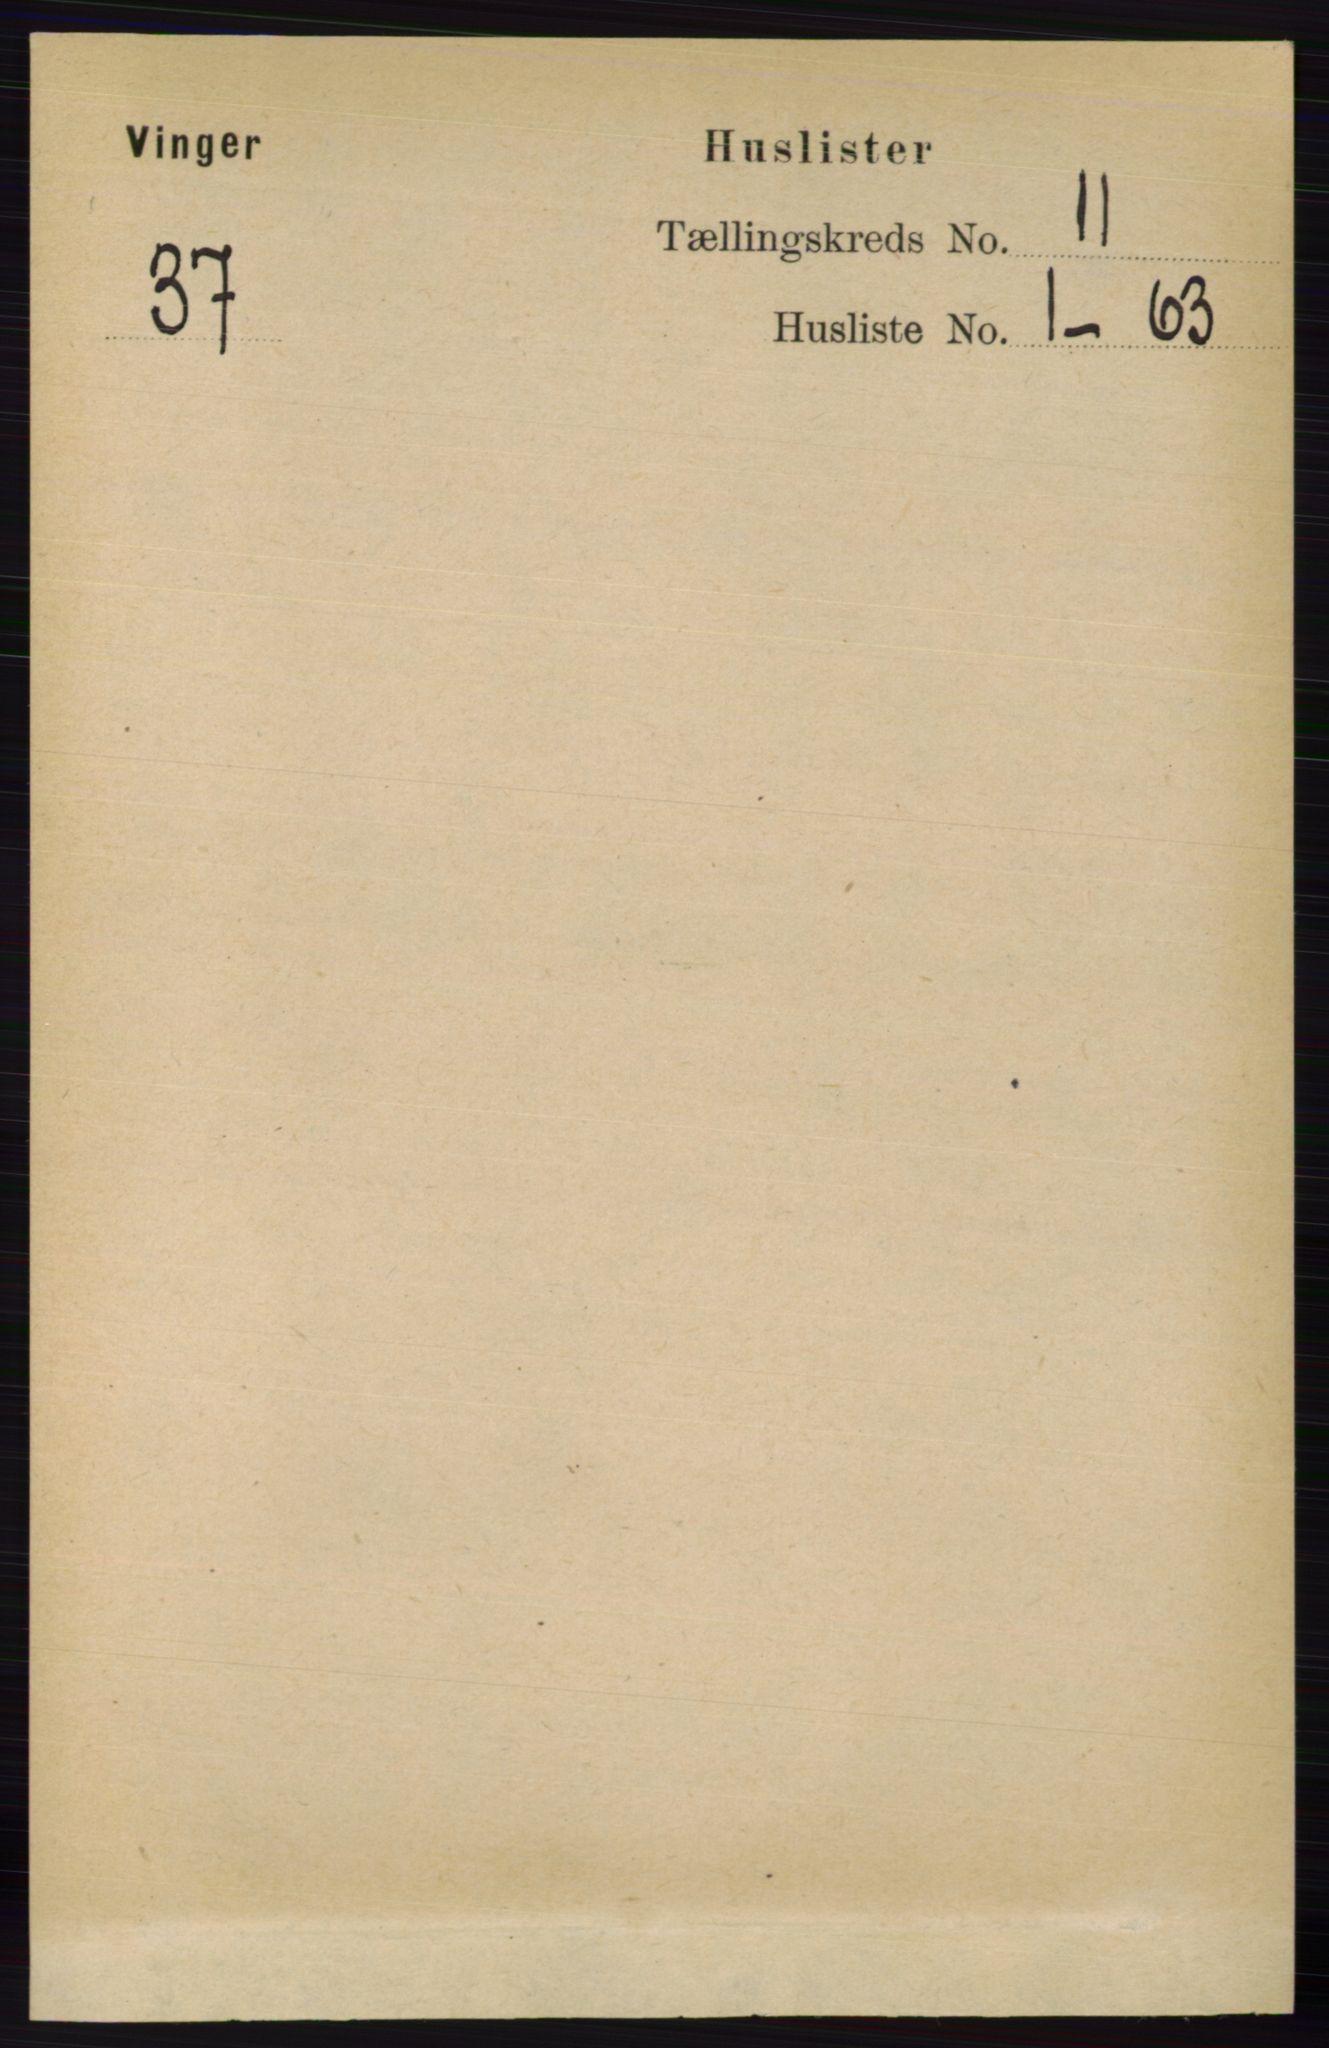 RA, Folketelling 1891 for 0421 Vinger herred, 1891, s. 5281